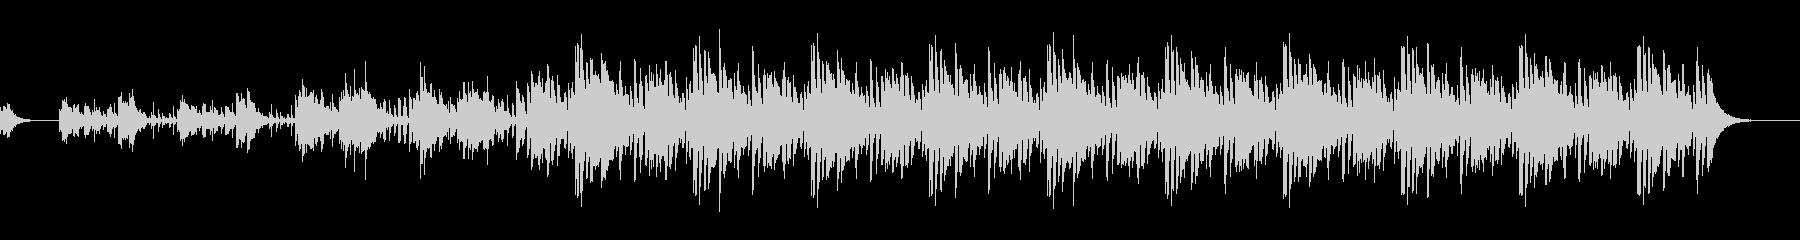 ミドルテンポノービートバージョンの未再生の波形